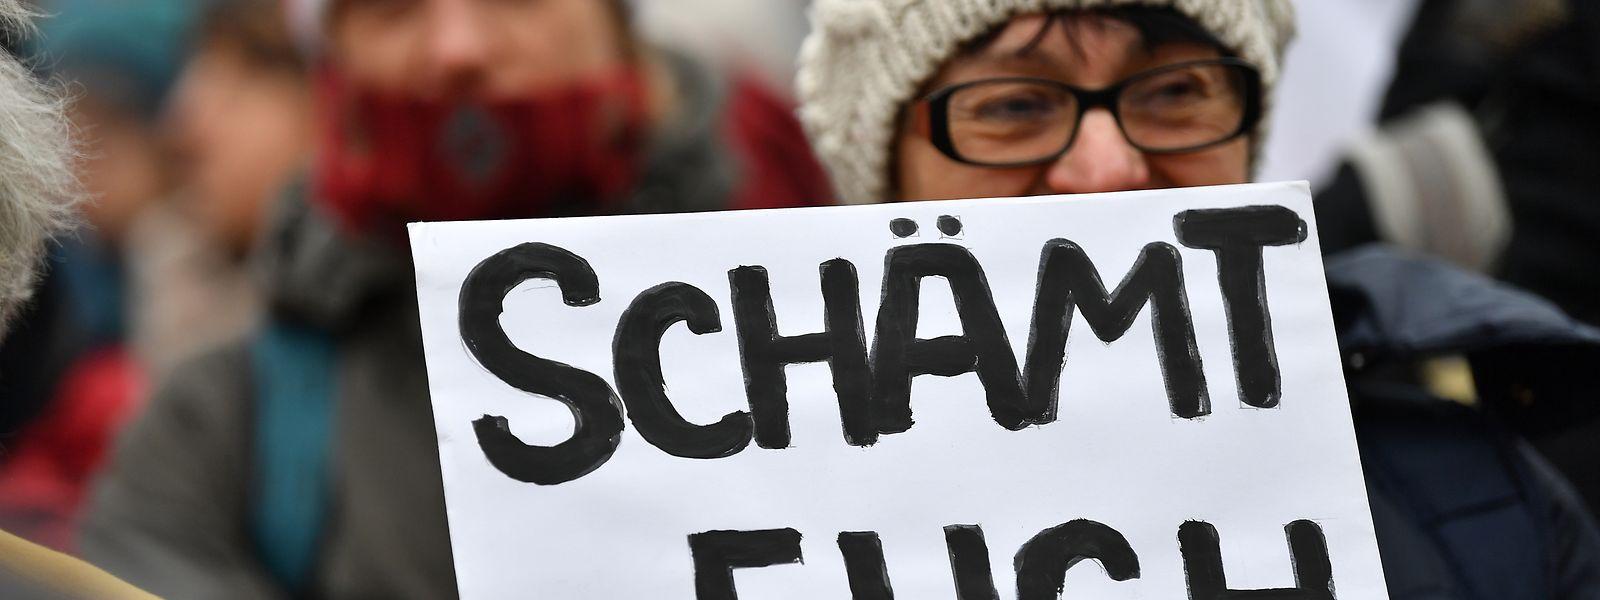 Schritt zu weit nach rechts: Thüringer Bürger äußern ihren Unmut.